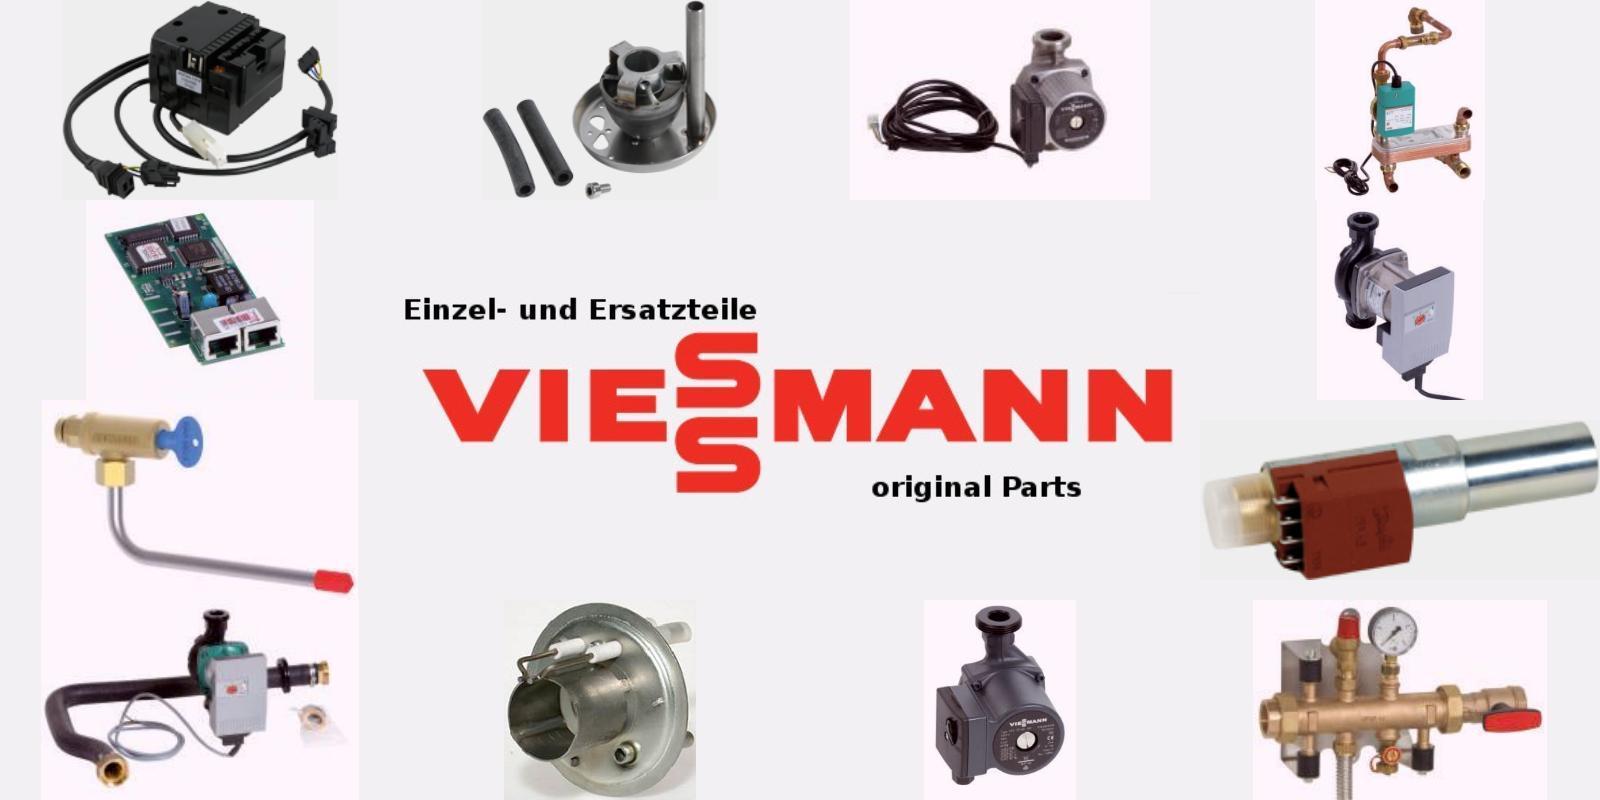 Heizk/örper Heizkreise 3//4 Heizelement Heizspirale f/ür Animo 137 mm B 122 mm Gewinde 1 3.200 W 230 V L